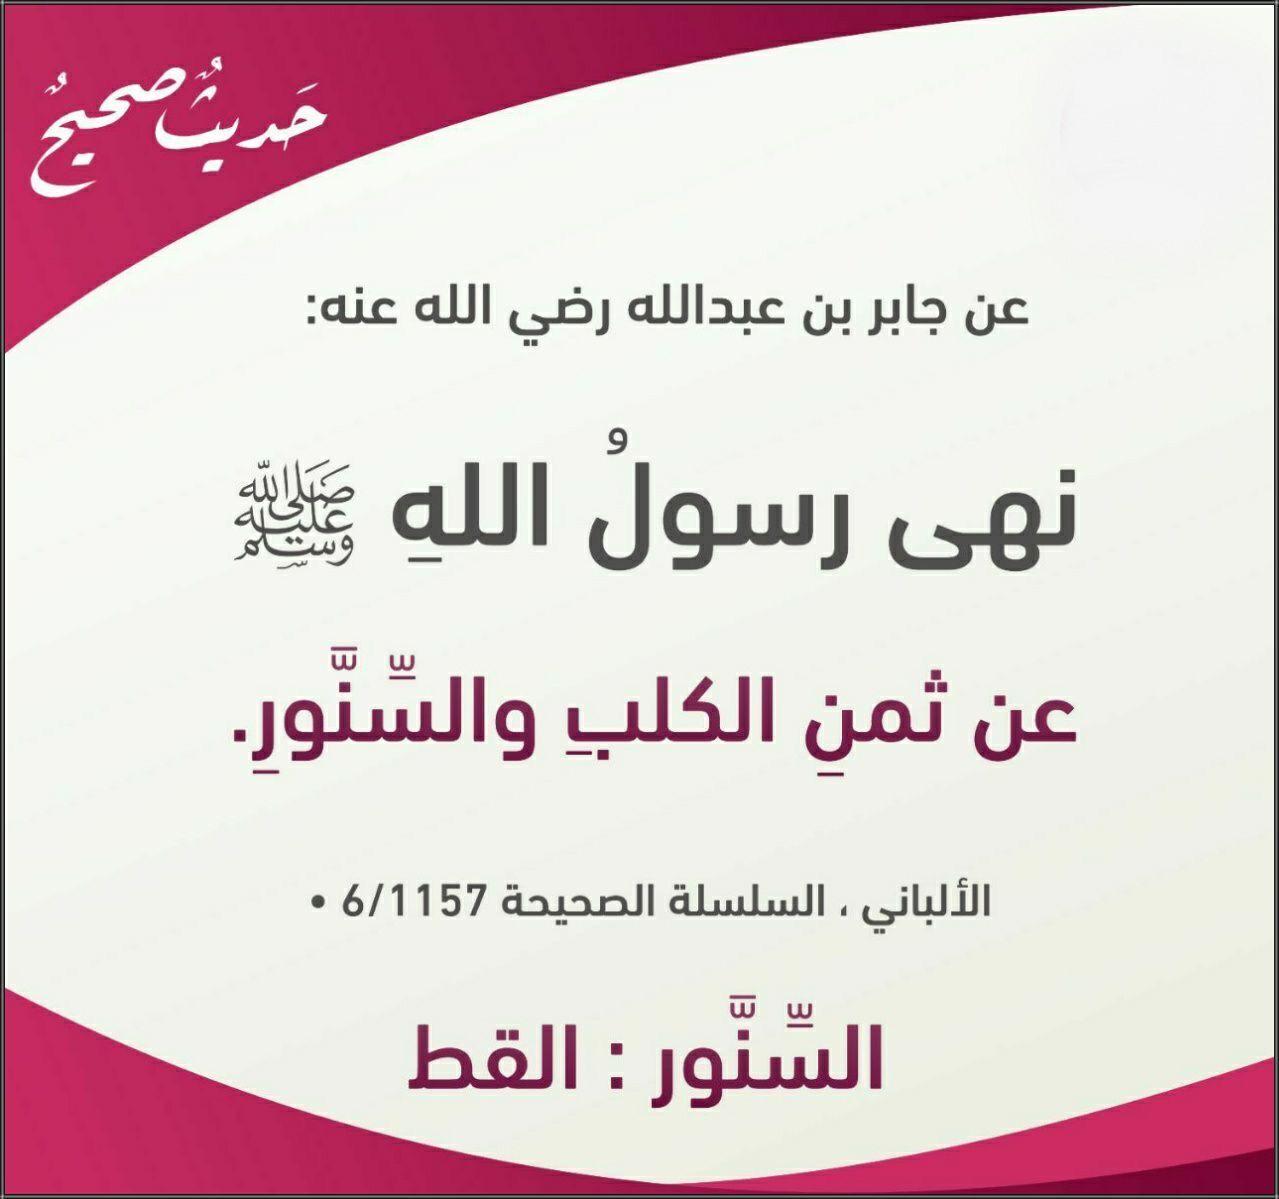 Pin By الأثر الجميل On أقوال الصحابة والعلماء Islamic Quotes Ahadith Hadith